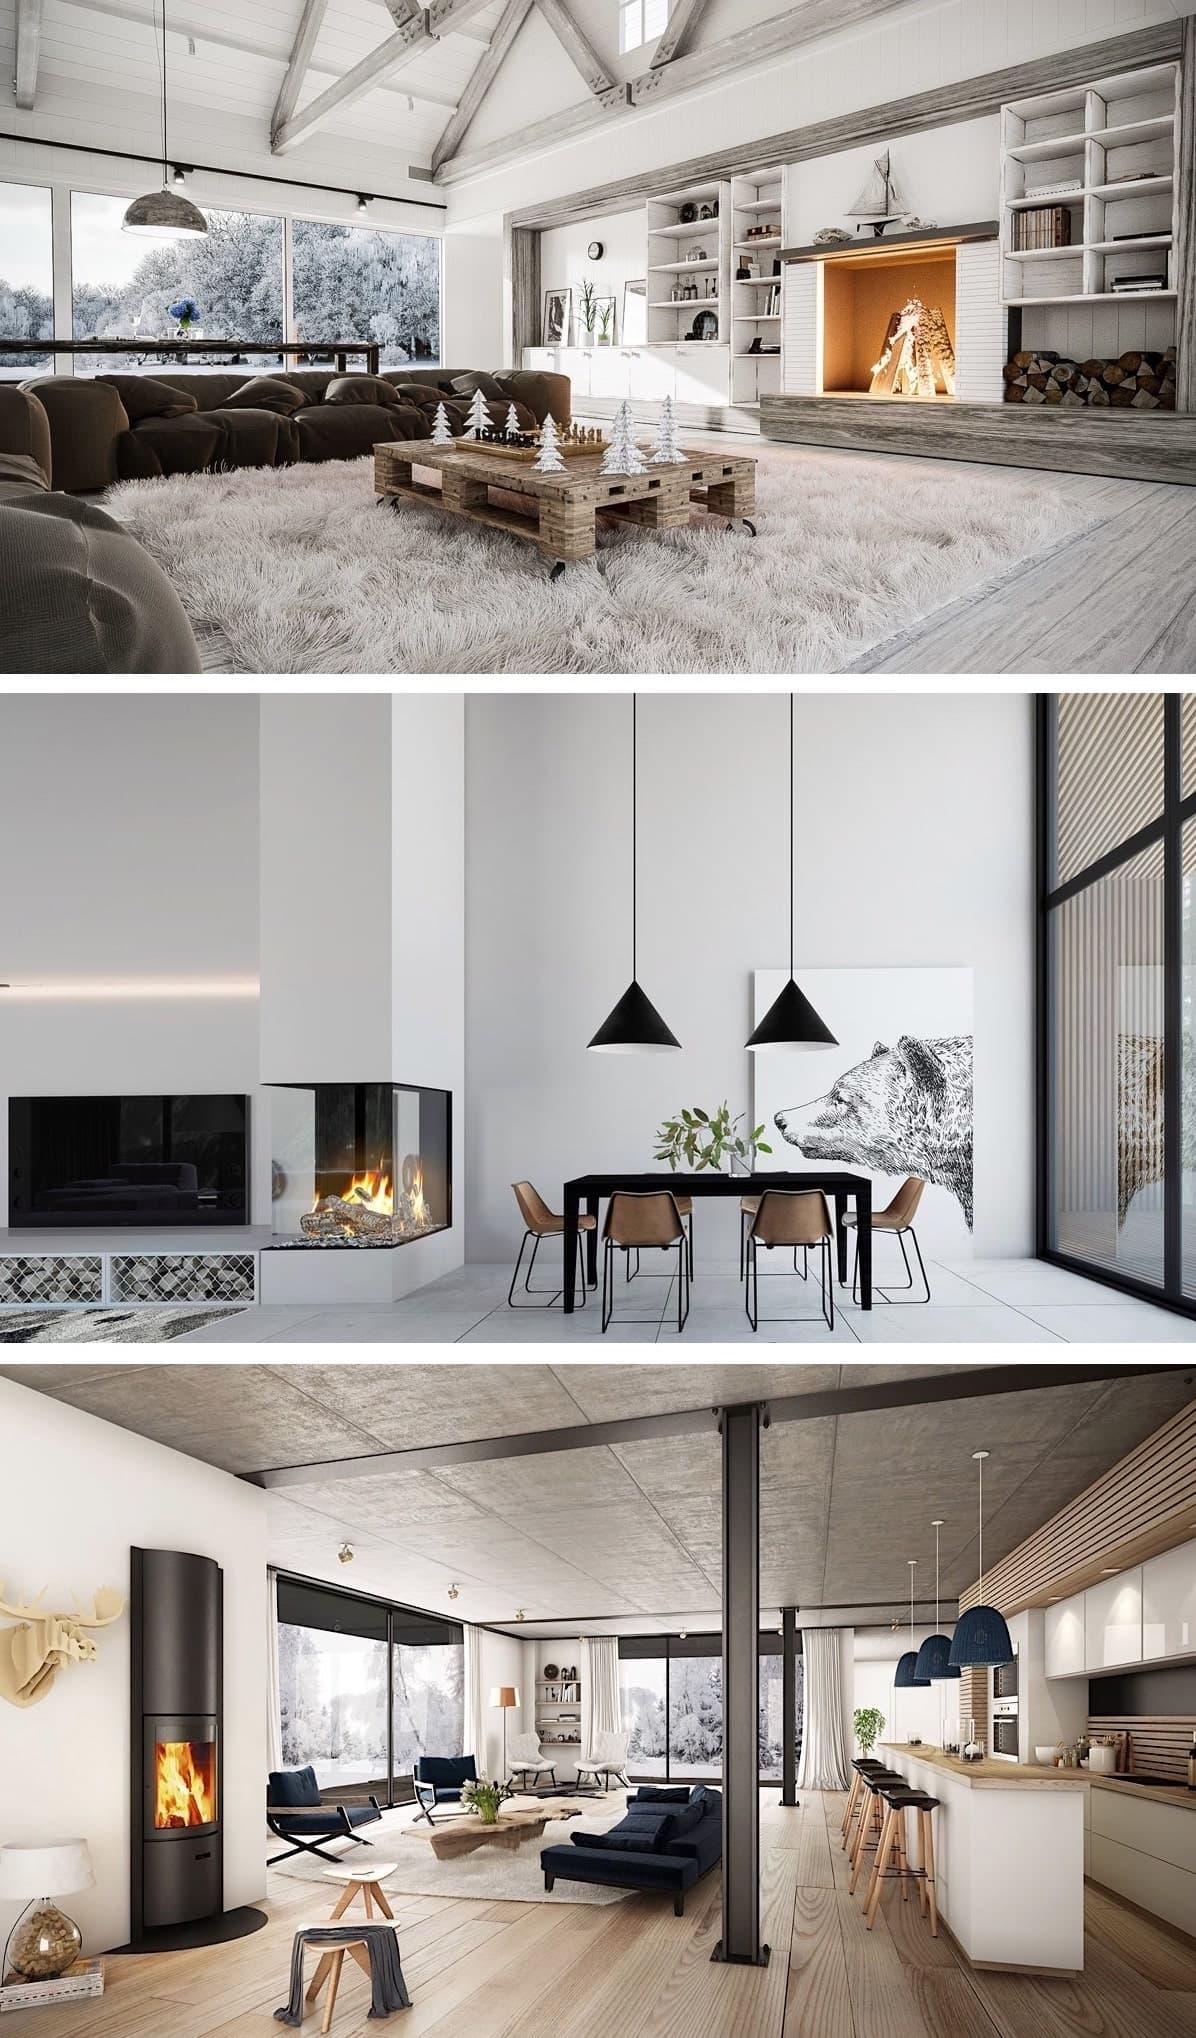 Любой дизайнер знает, что камин – лучший декоратор интерьера